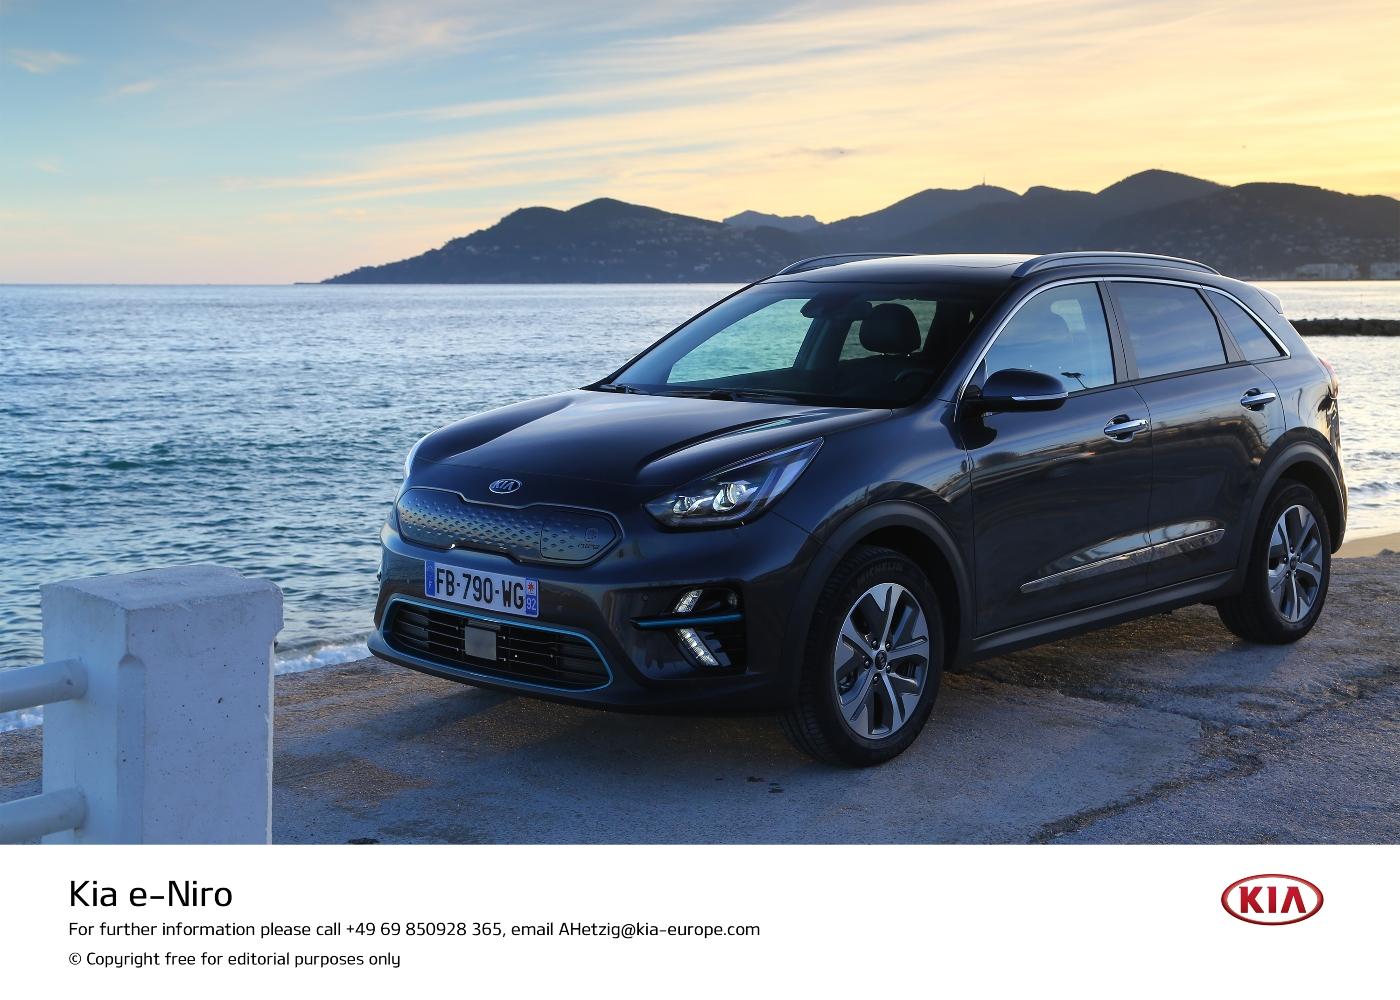 KIA E-Niro um dos carros elétricos à venda em Portugal